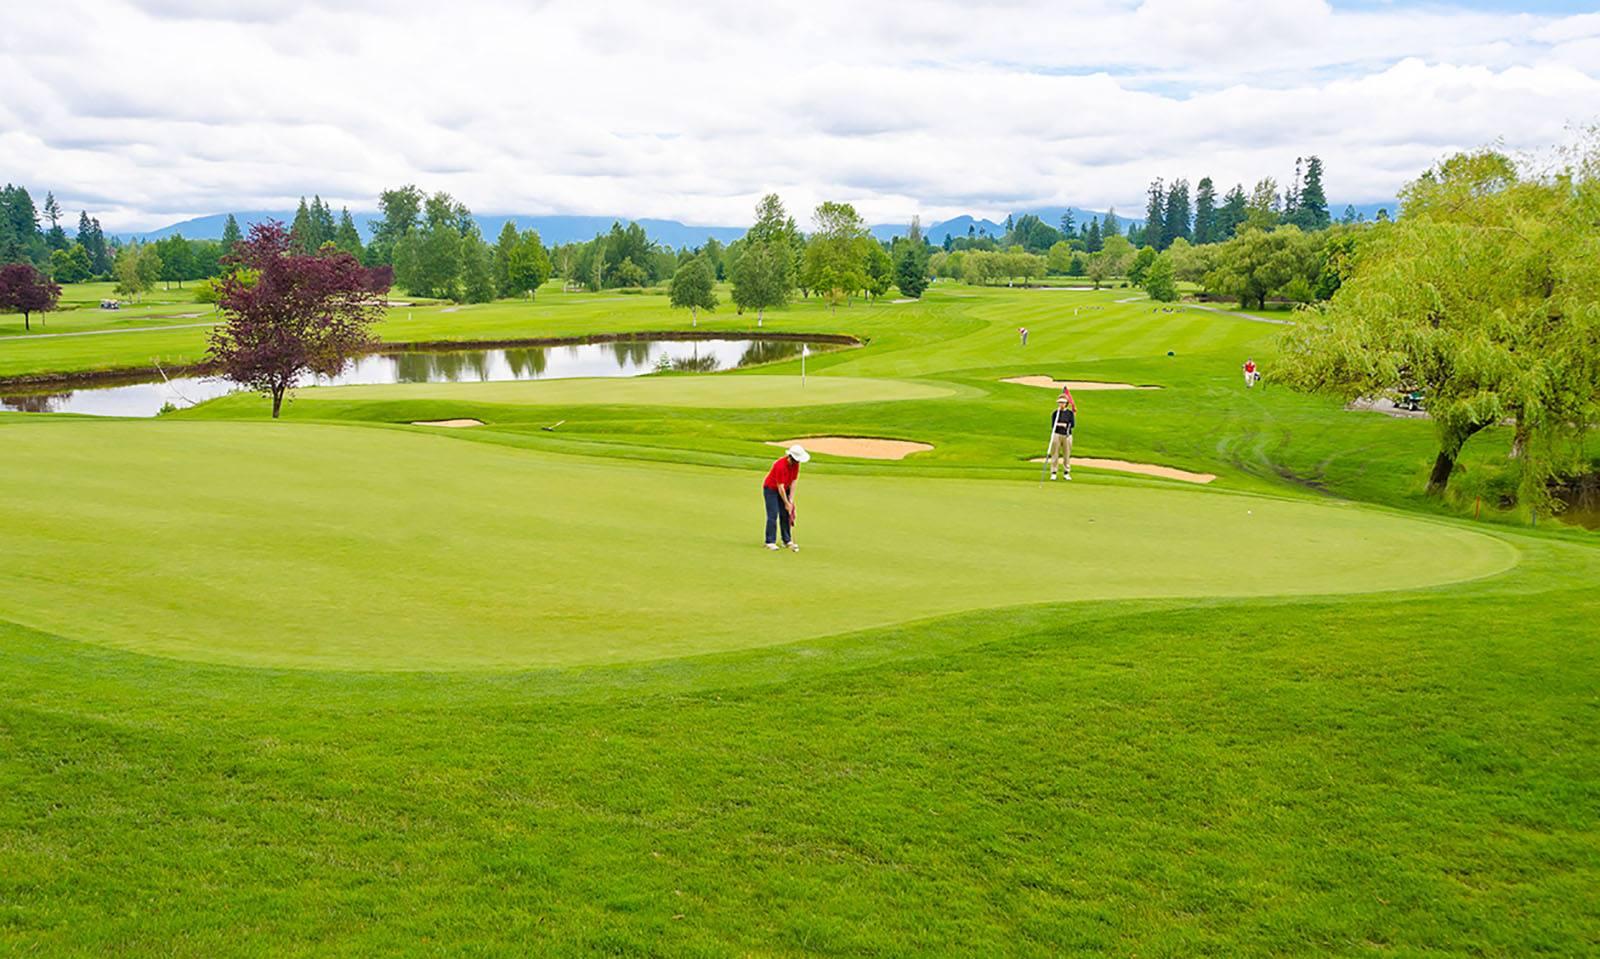 Thông tin về sân golf Tân Sơn Nhất từ A đến Z cho bạn